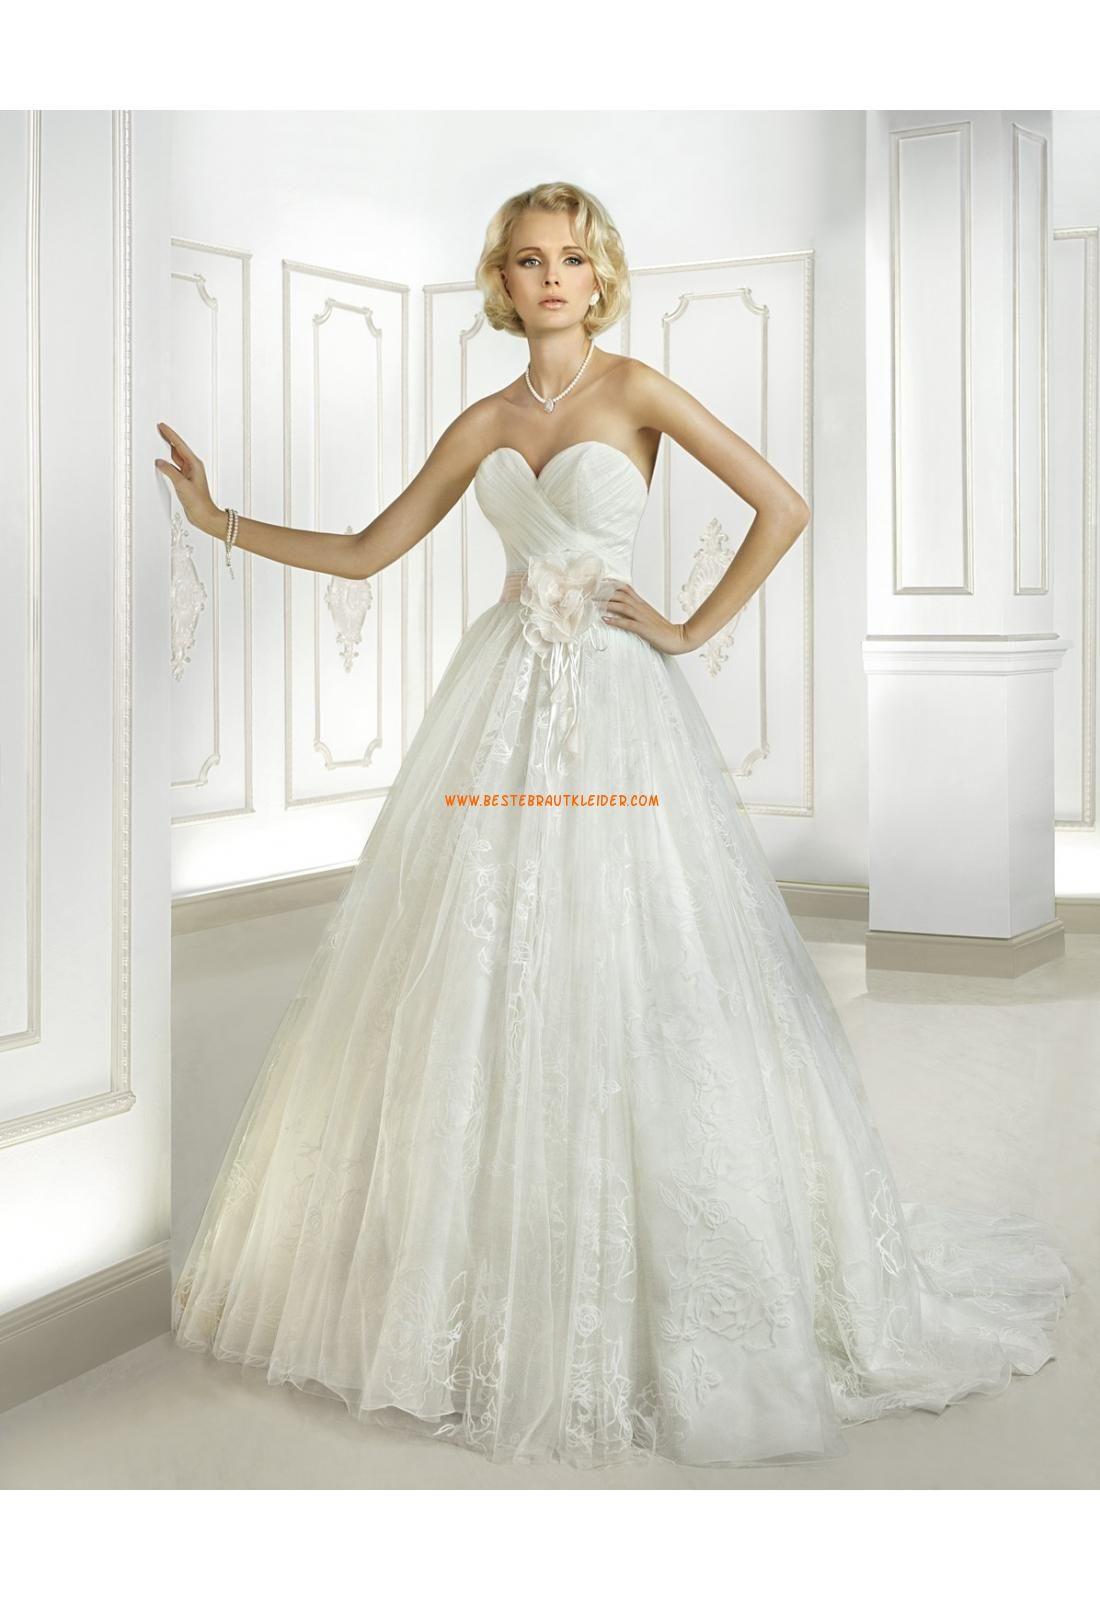 Ziemlich Utah Brautkleider Ideen - Brautkleider Ideen ...